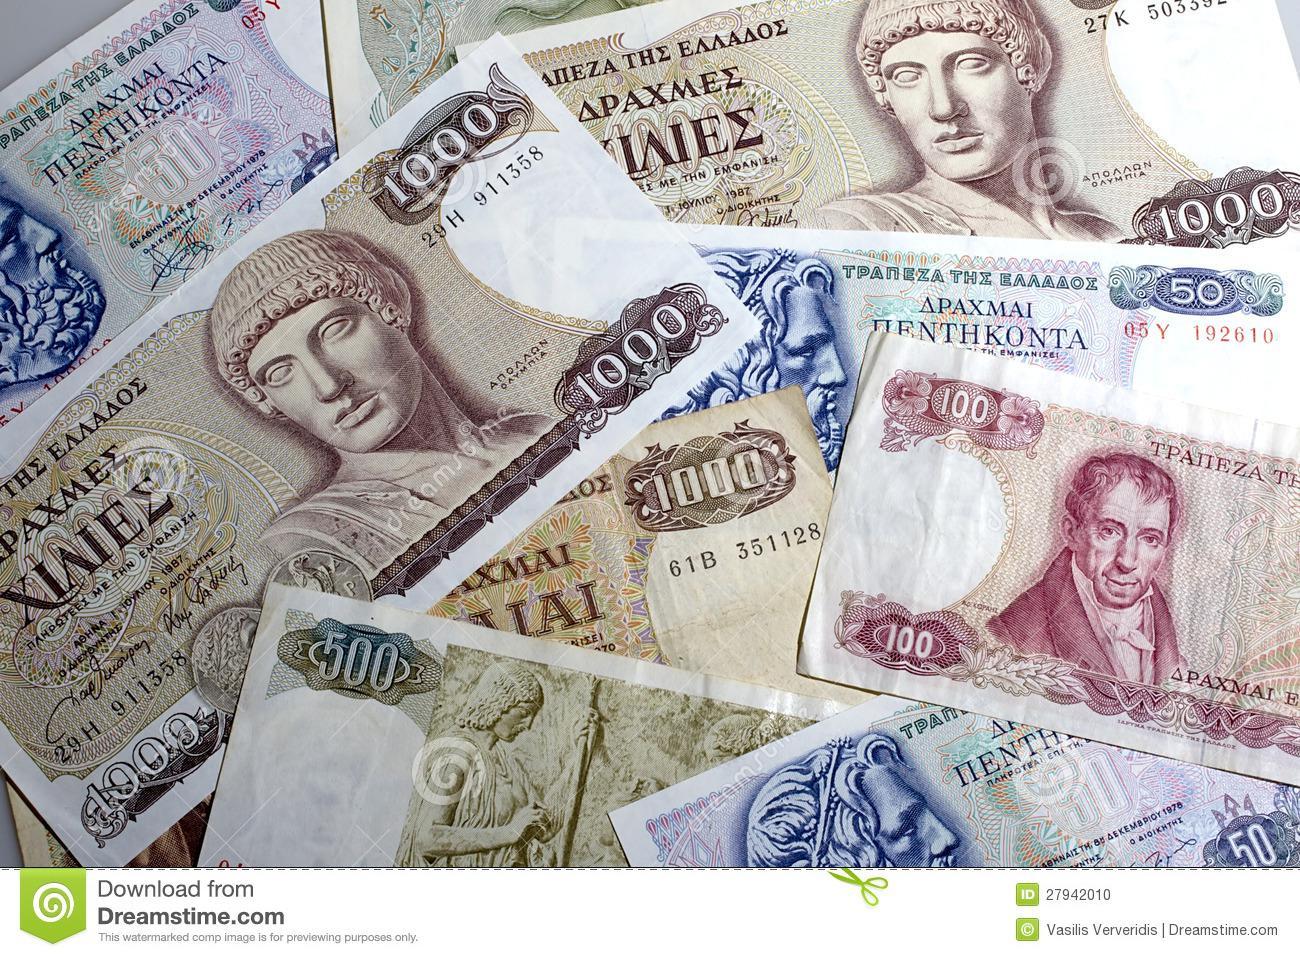 -27942010 Ευρώ ή Δραχμή; Ιδού 10 ενδιαφέρουσες απαντήσεις!